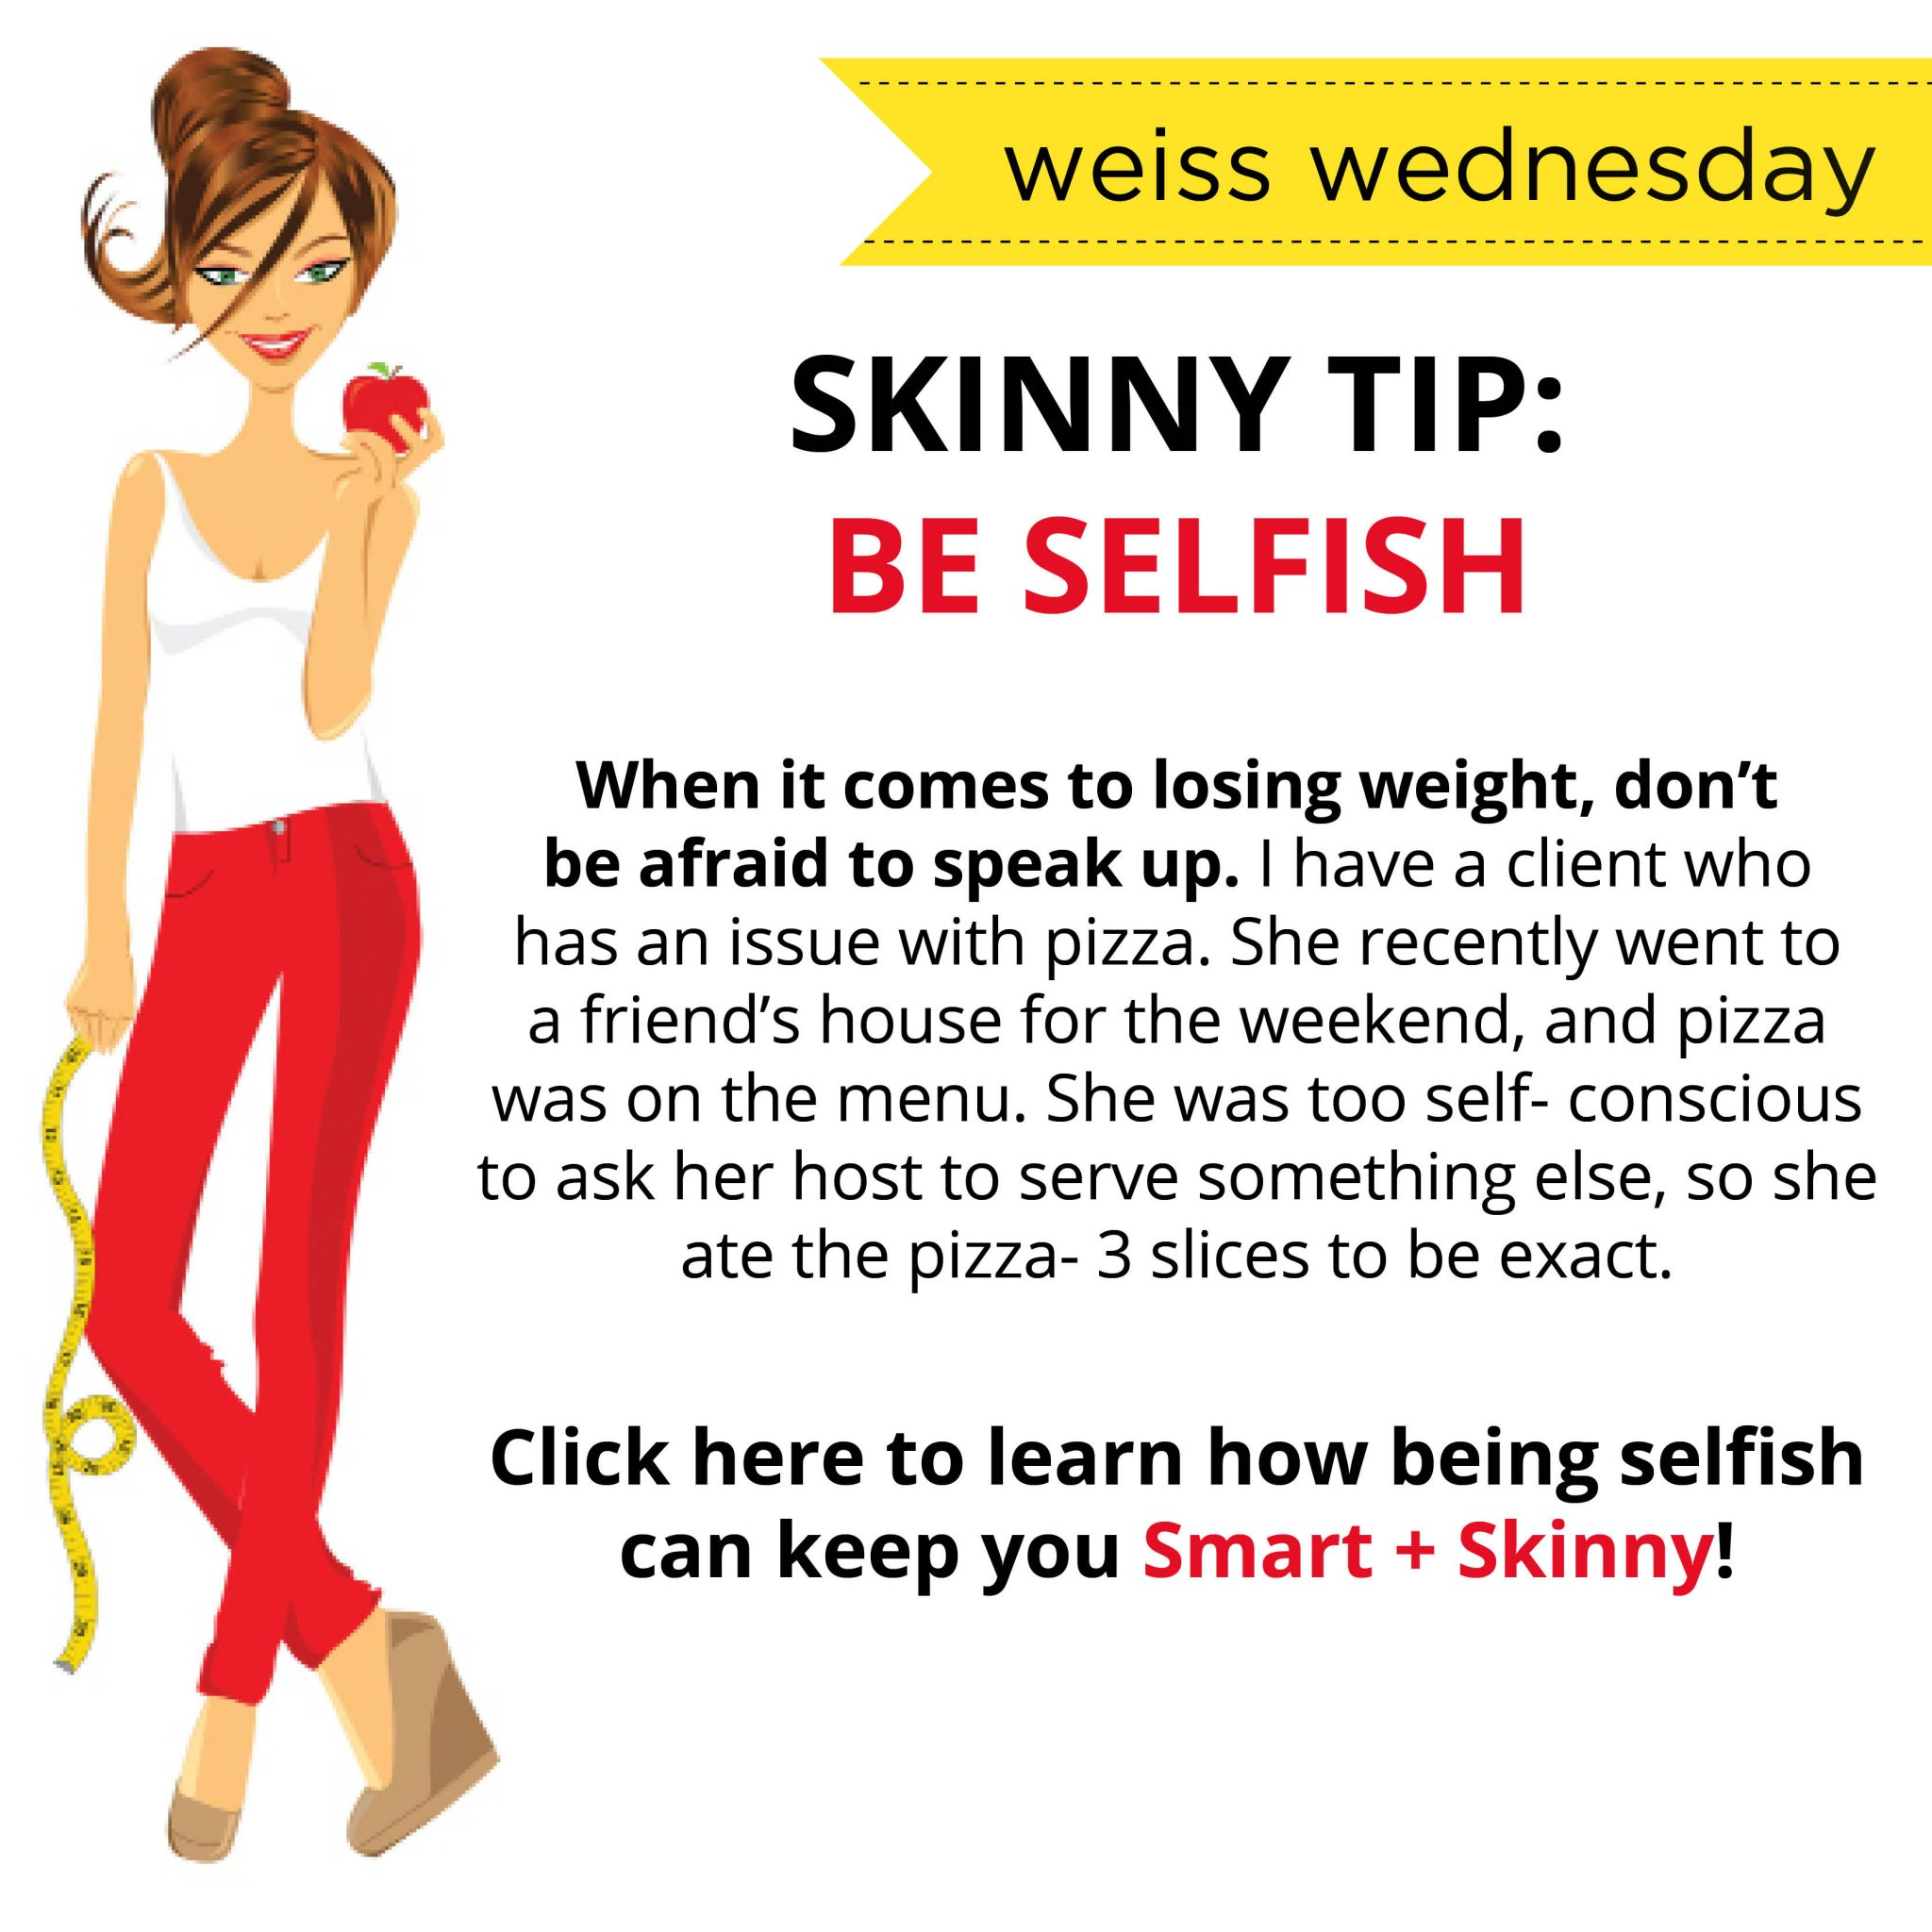 Skinny Tip: Be Selfish